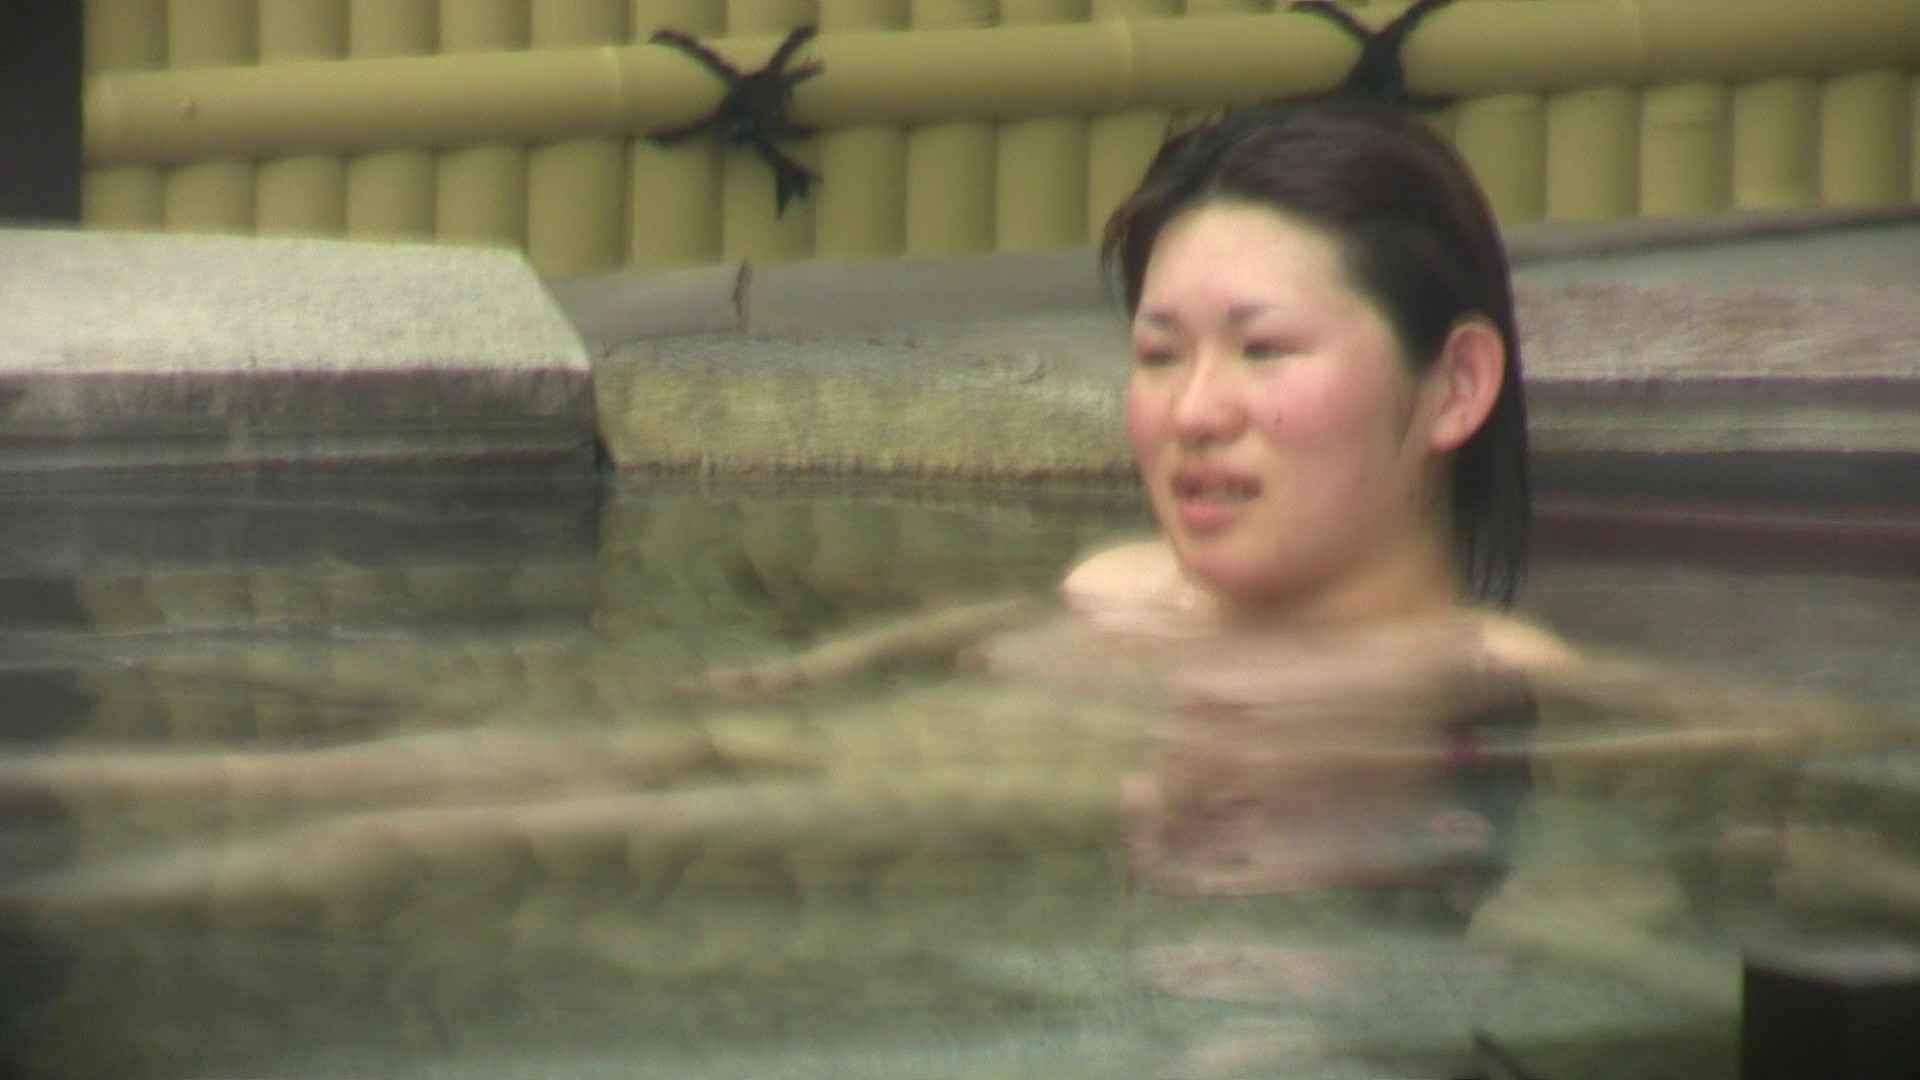 Aquaな露天風呂Vol.673 0   0  91pic 89